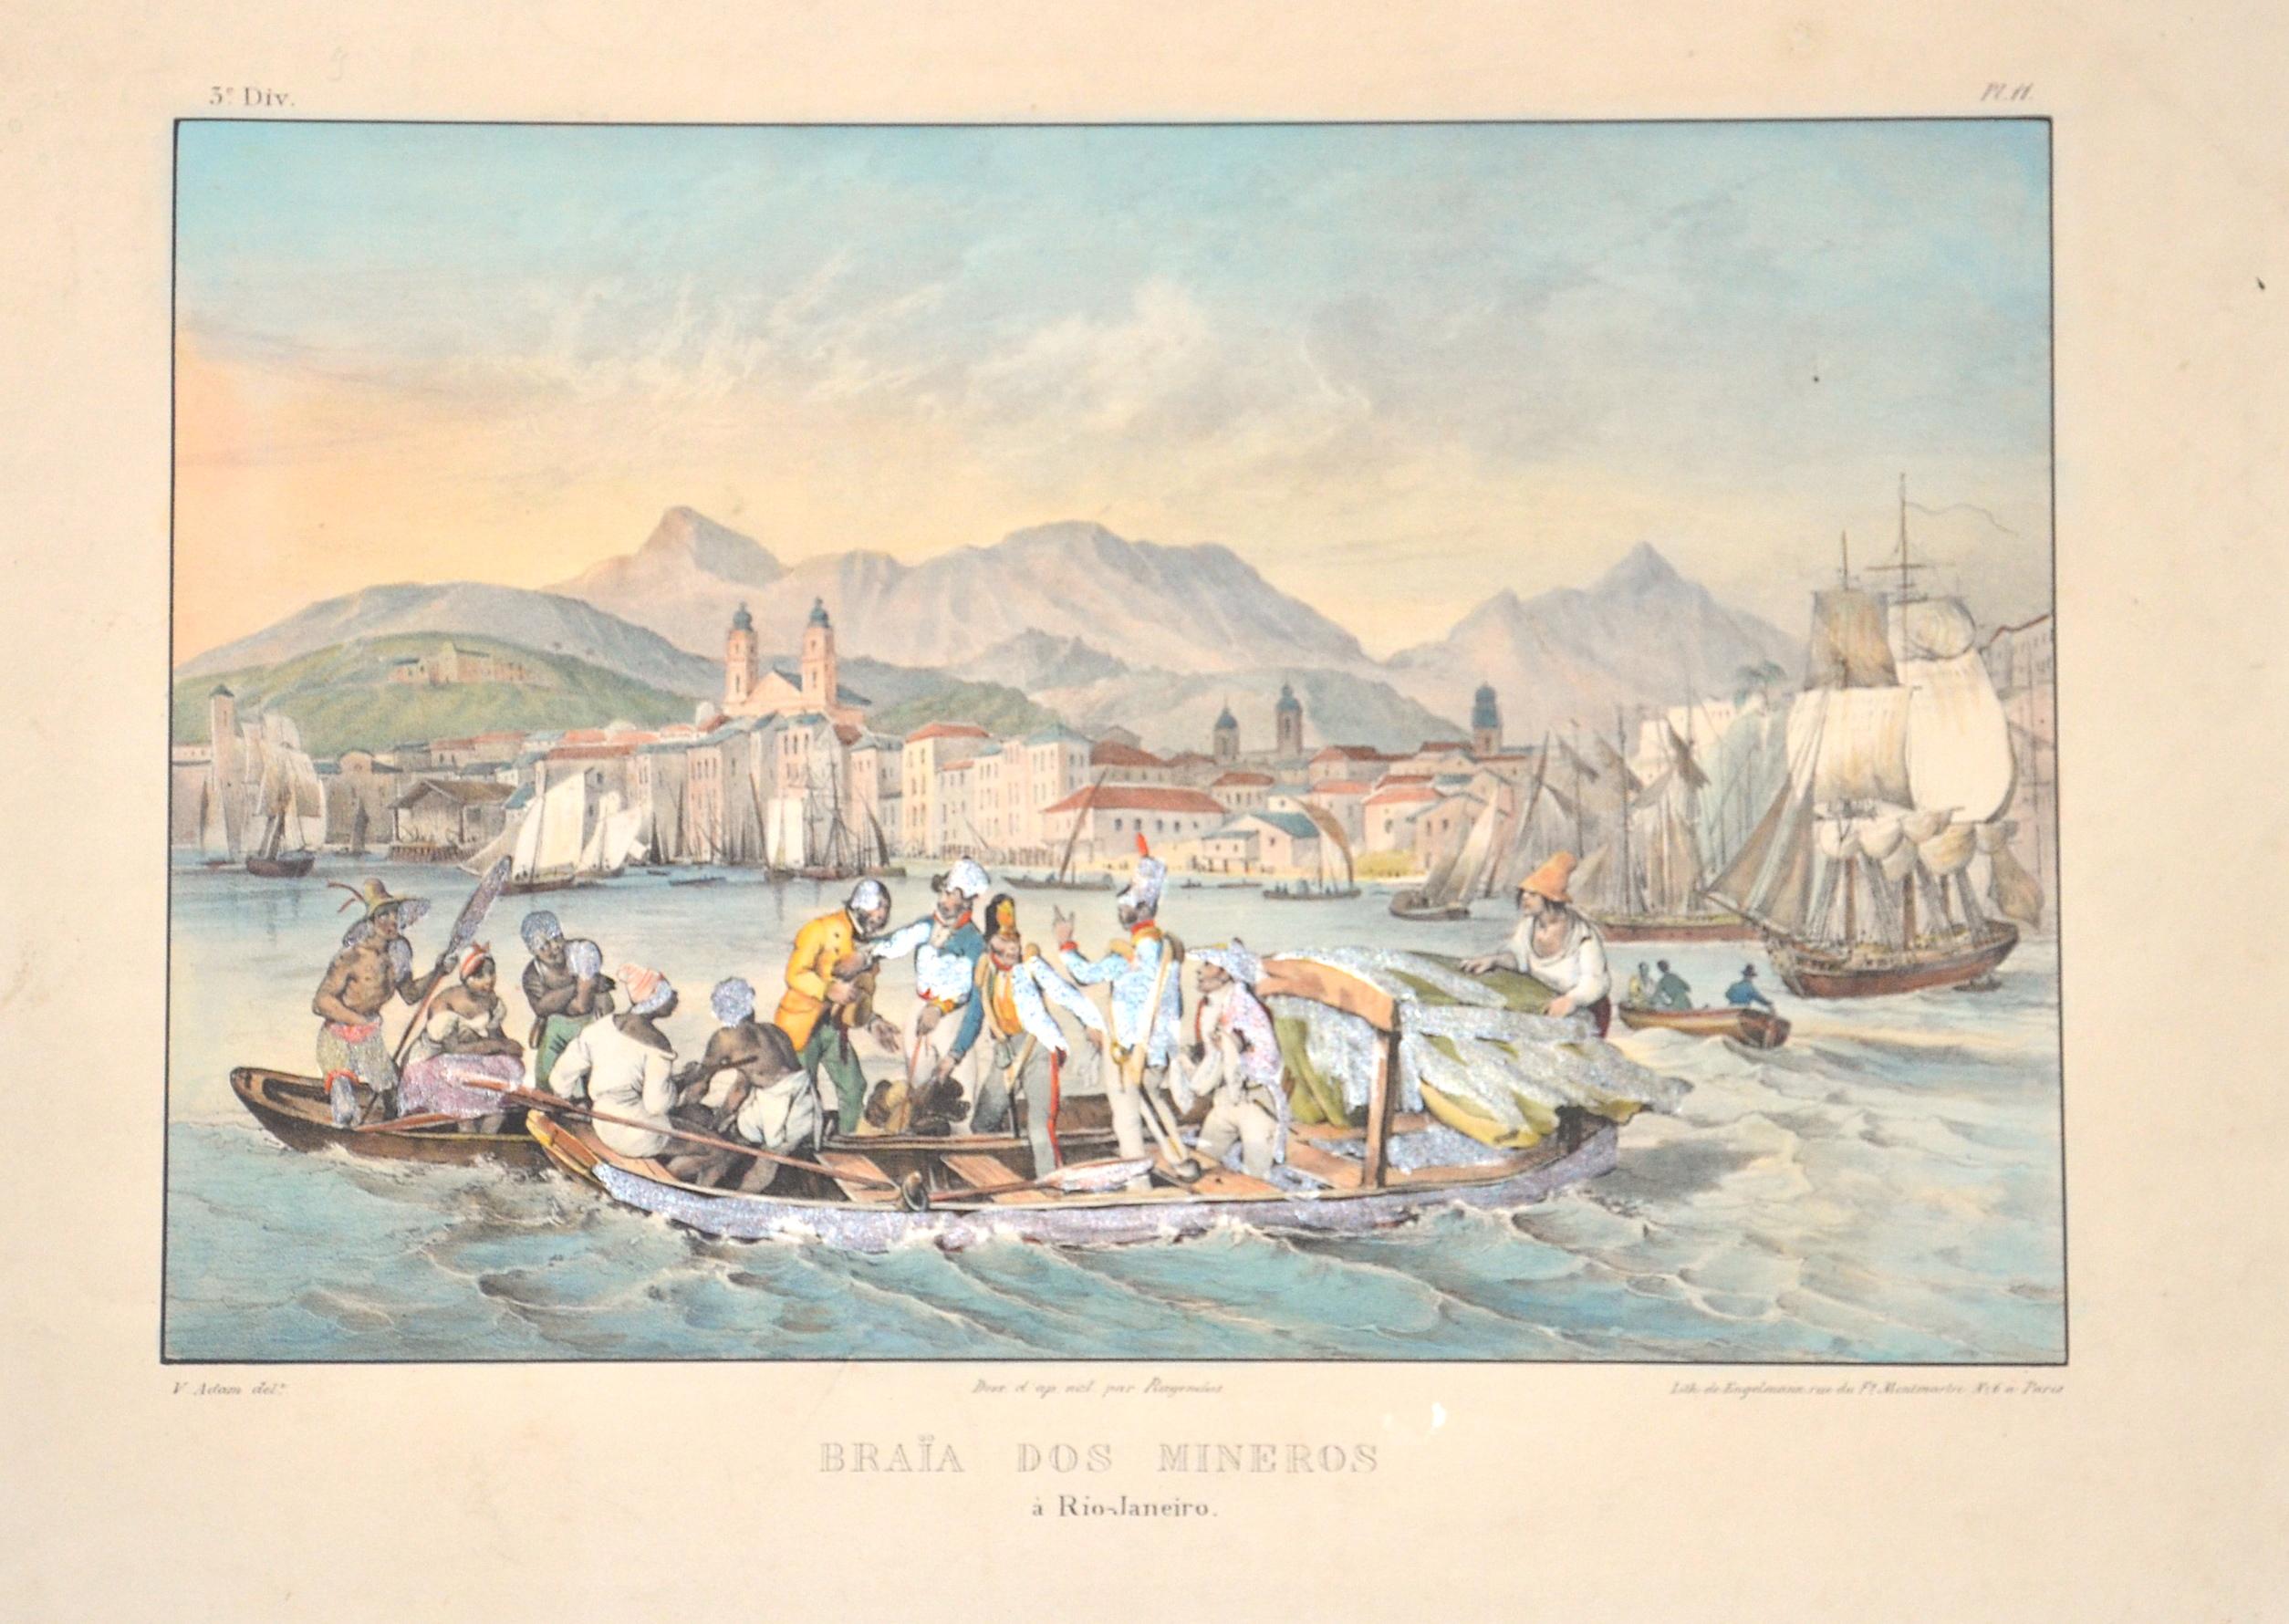 Engelmann  Braia dos mineros a Rio- Janeiro